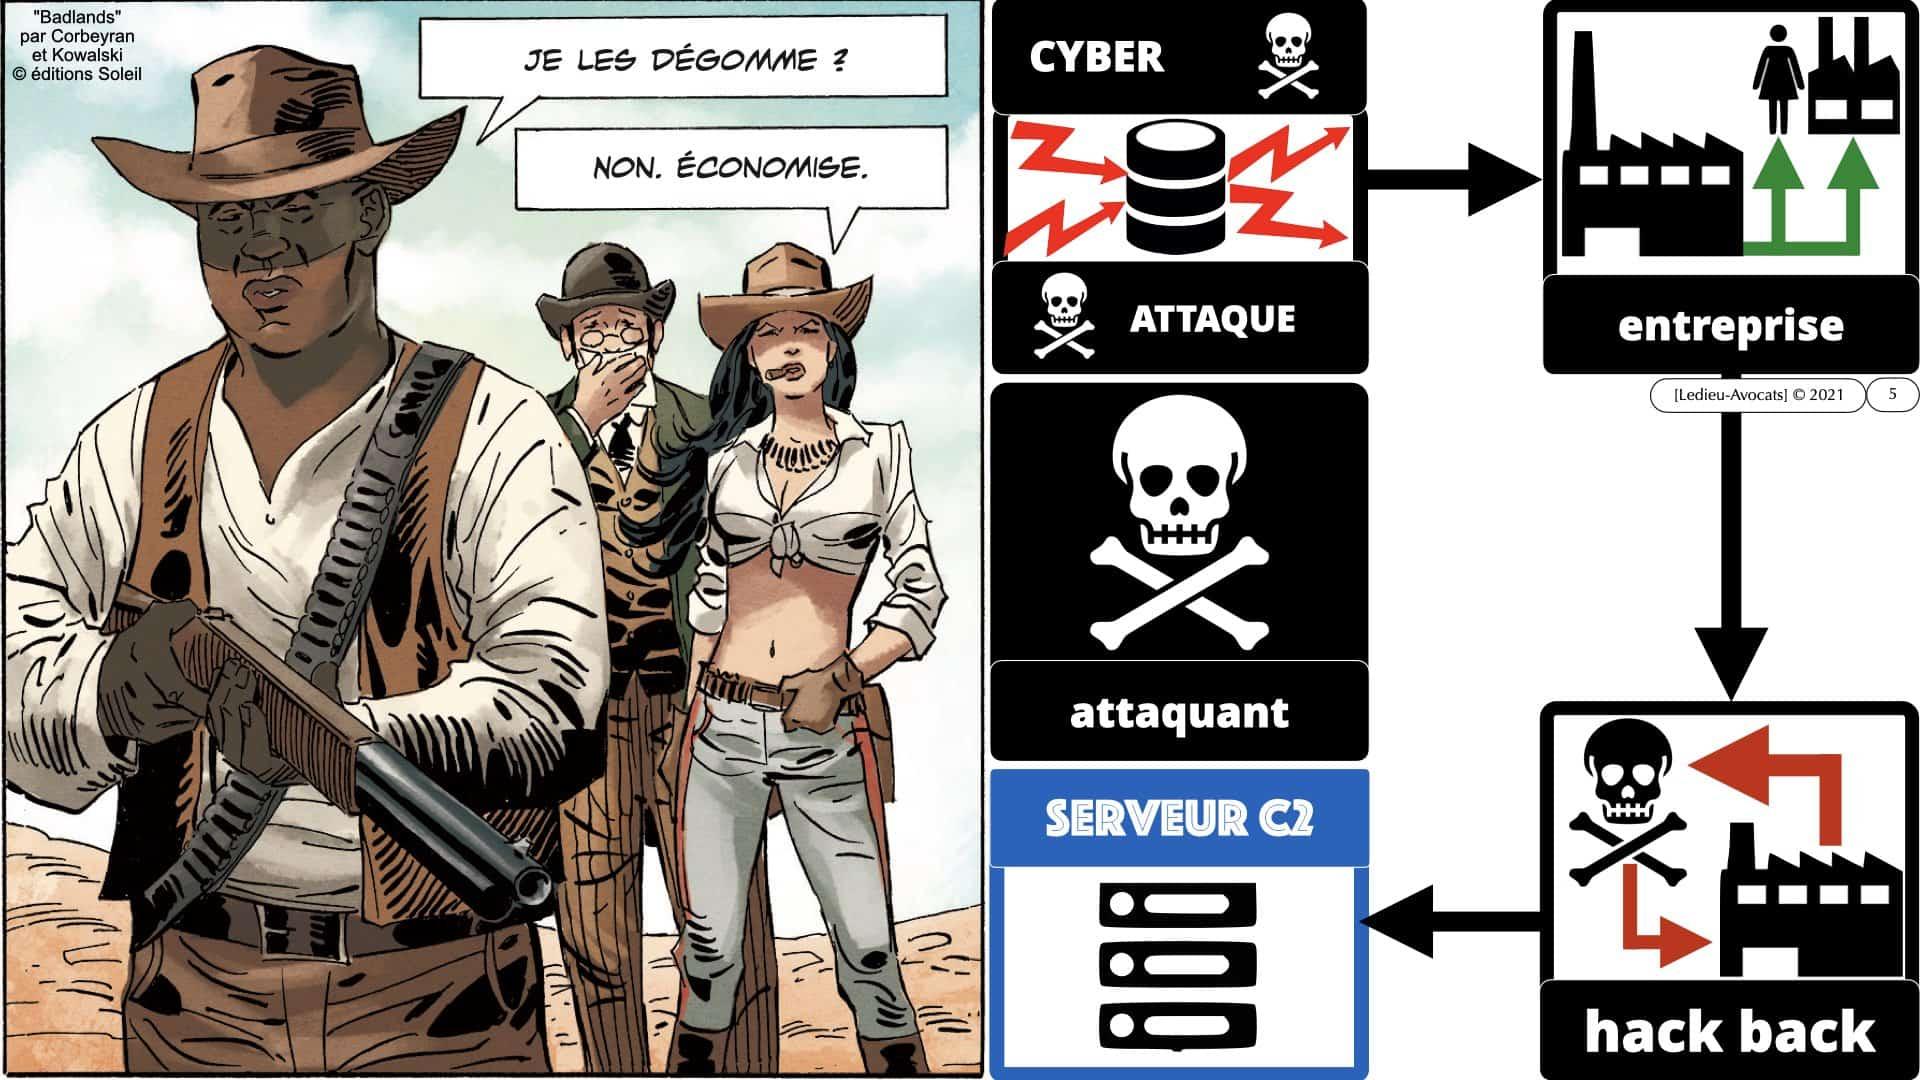 cyber attaque et hack-back : quel droit à riposte numérique ?